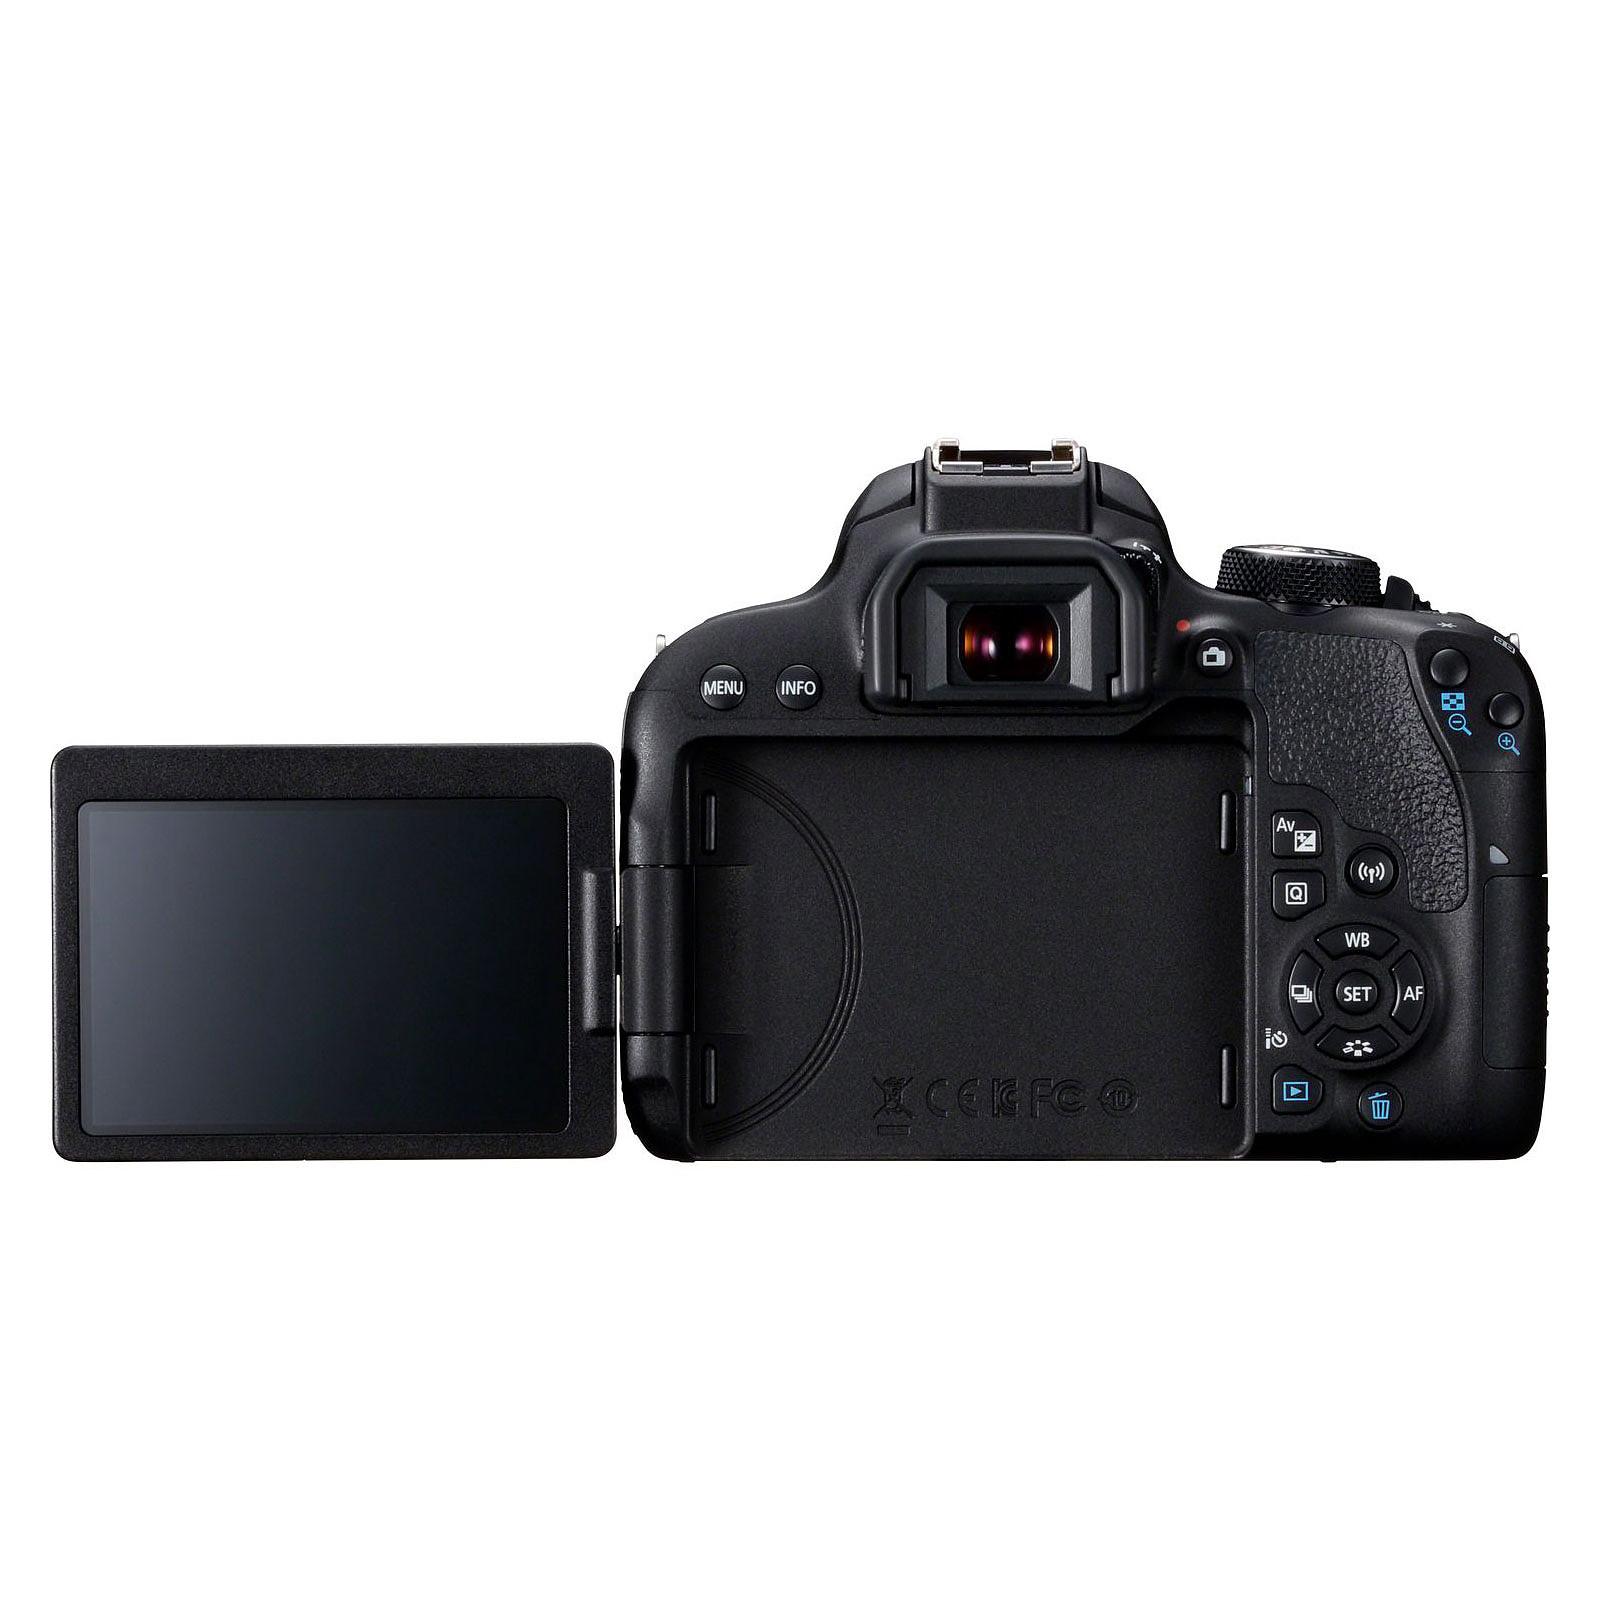 canon eos 800d appareil photo reflex canon sur. Black Bedroom Furniture Sets. Home Design Ideas